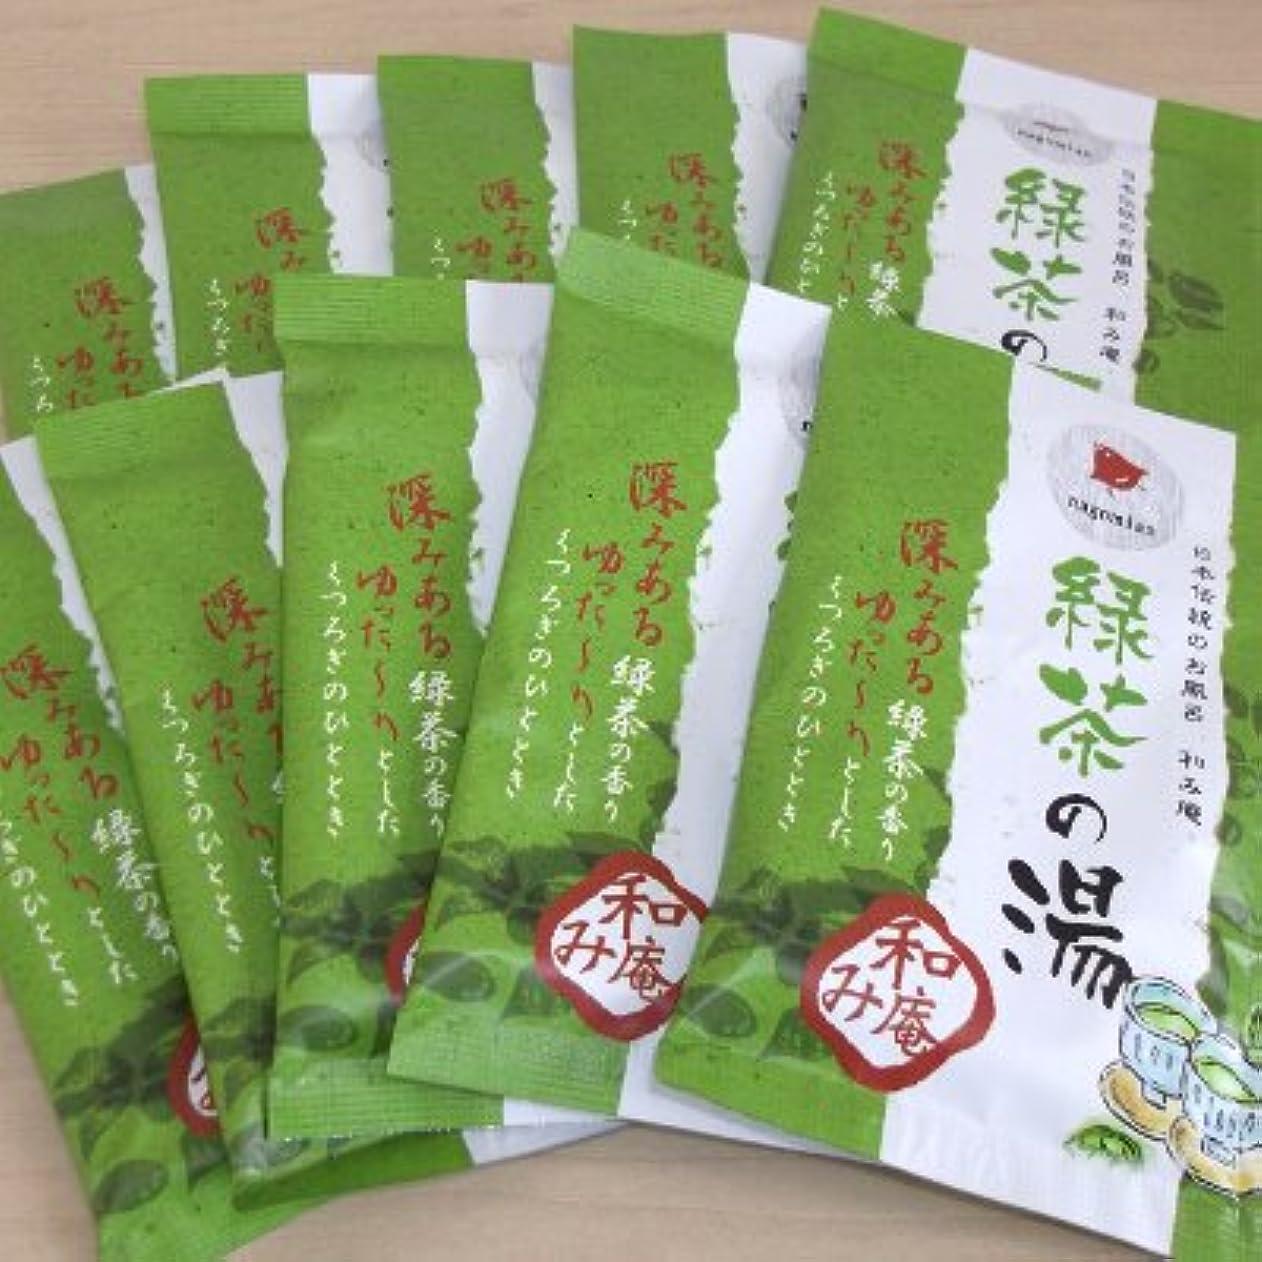 迷彩誤解する高度な和み庵 緑茶の湯 10包セット